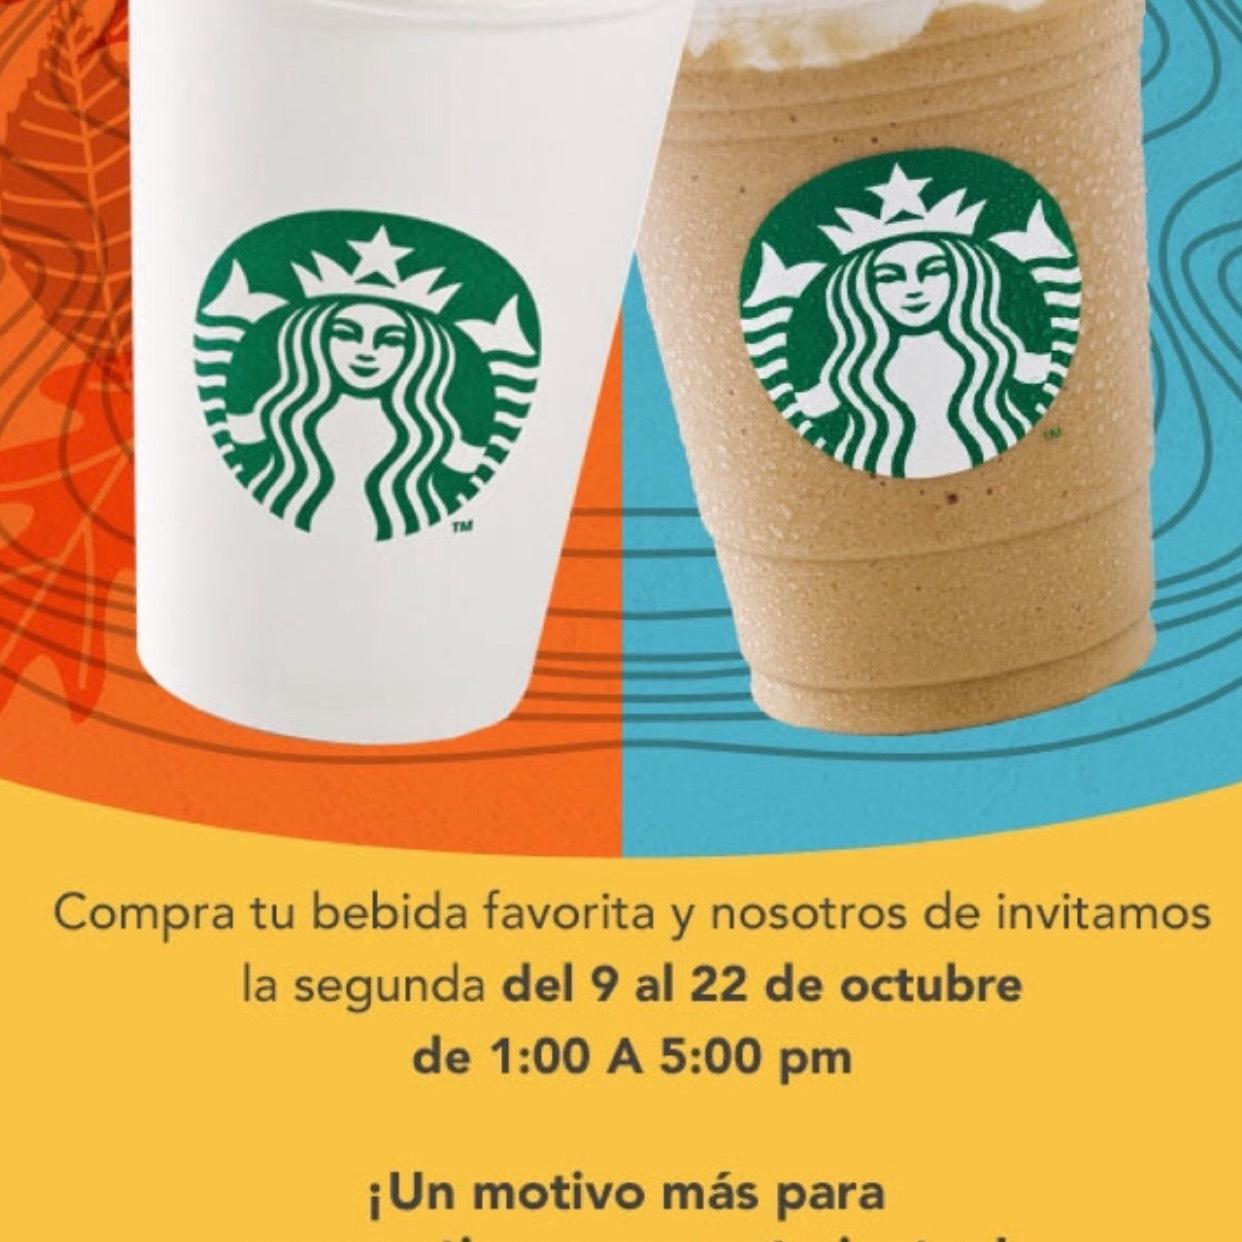 Starbucks: 2x1 para miembros Gold de Rewards